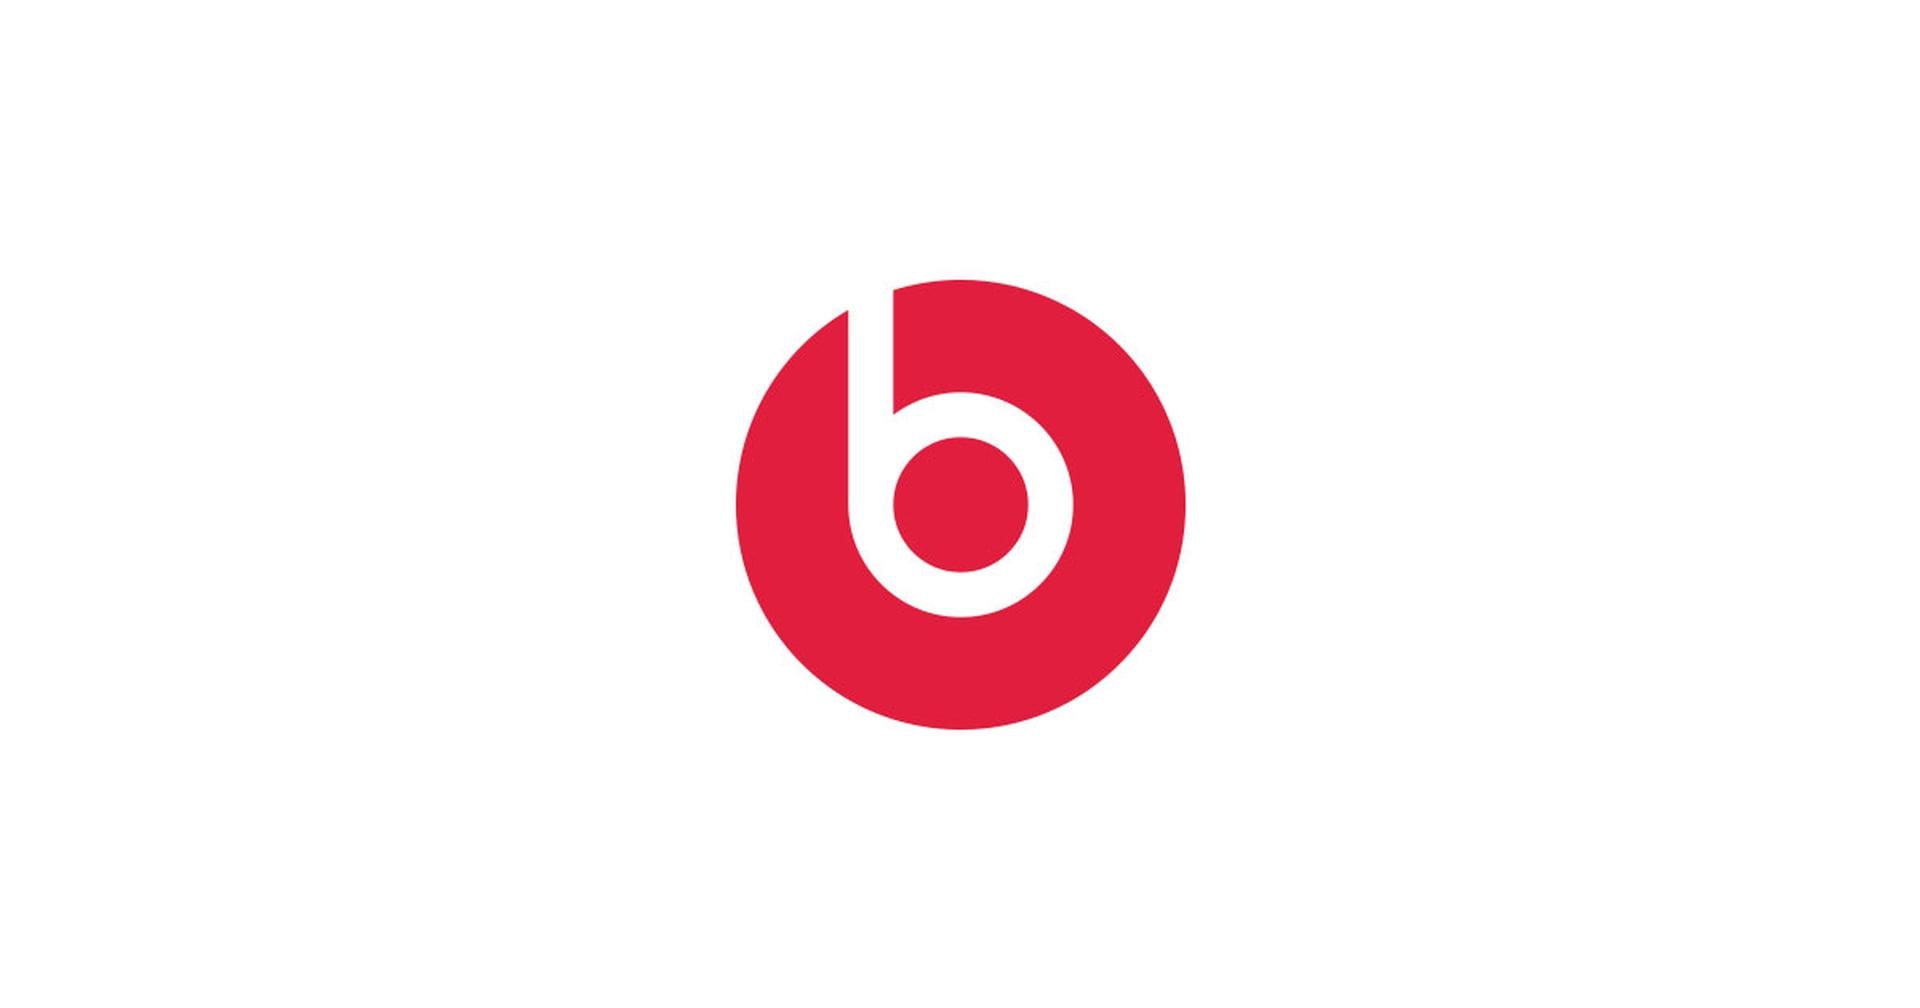 Słuchawki Beats z wsparciem dla aplikacji Lokalizator w systemie iOS 14.5